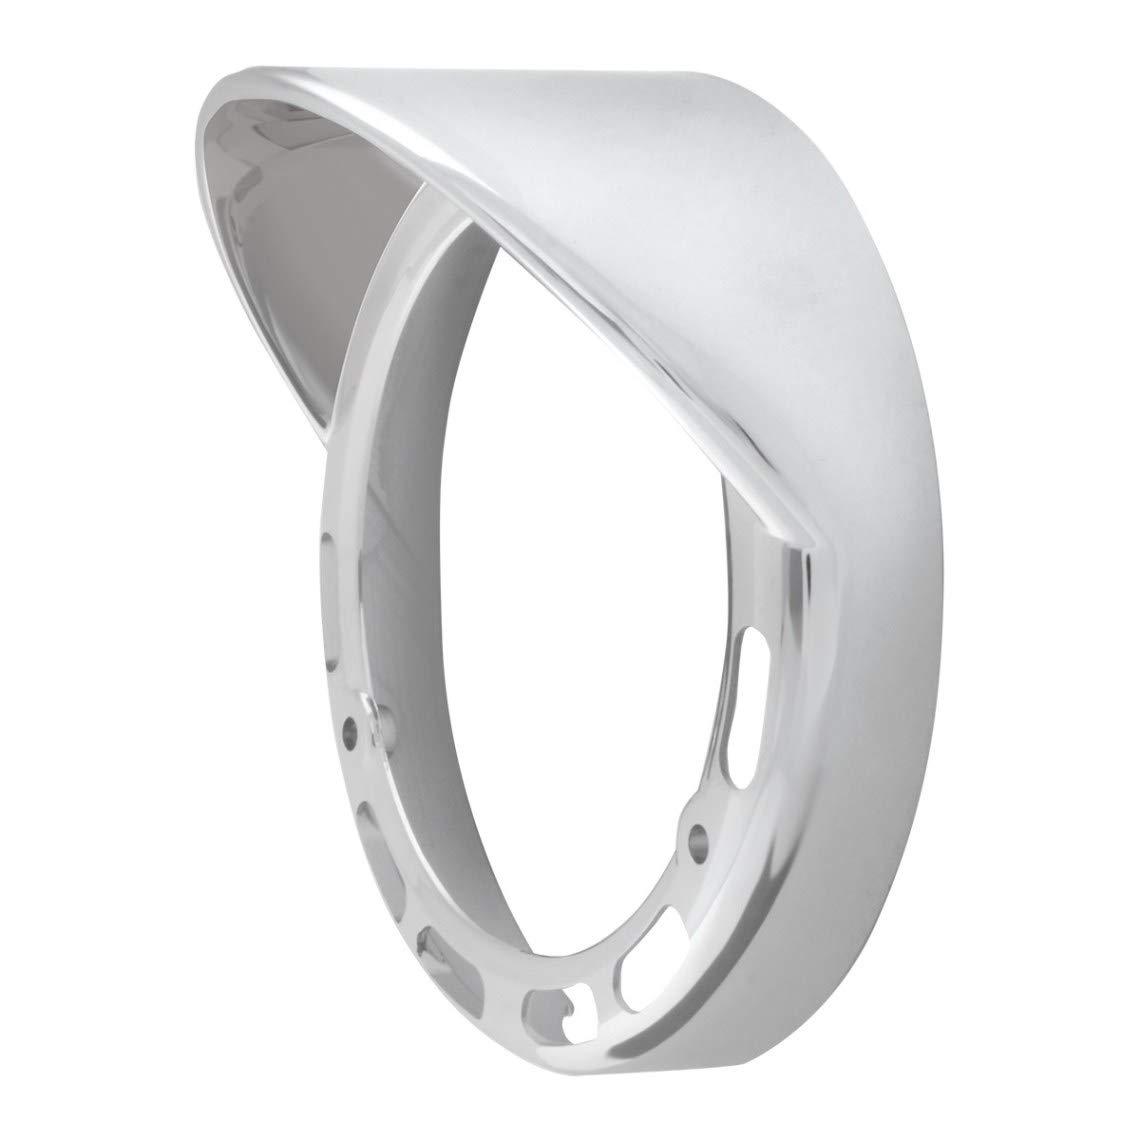 GG Grand General 78368 Chrome Plastic Rim w//Visor for 4 Inches Turn LED Light Light Up